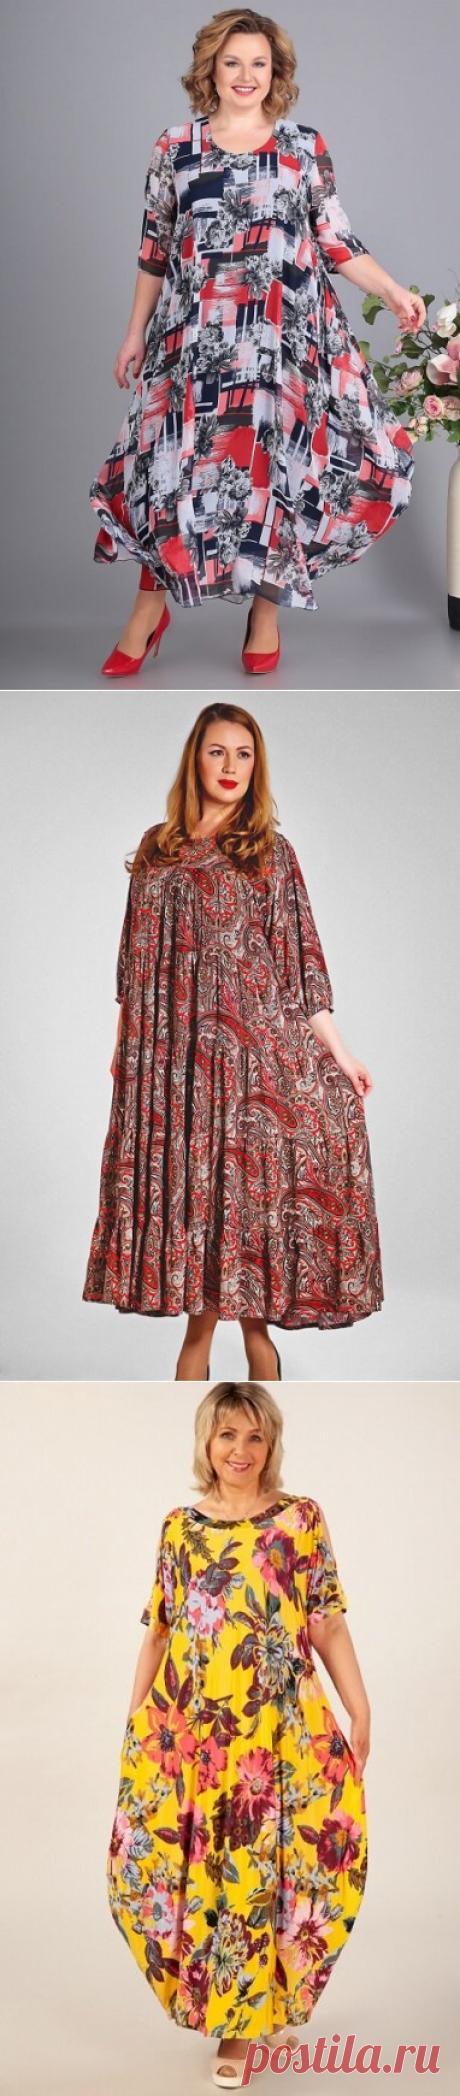 Вот чего мне нужно на лето – цветочная вышивка платье в цветочек! У каждой женщины обязательно должно быть такое платье